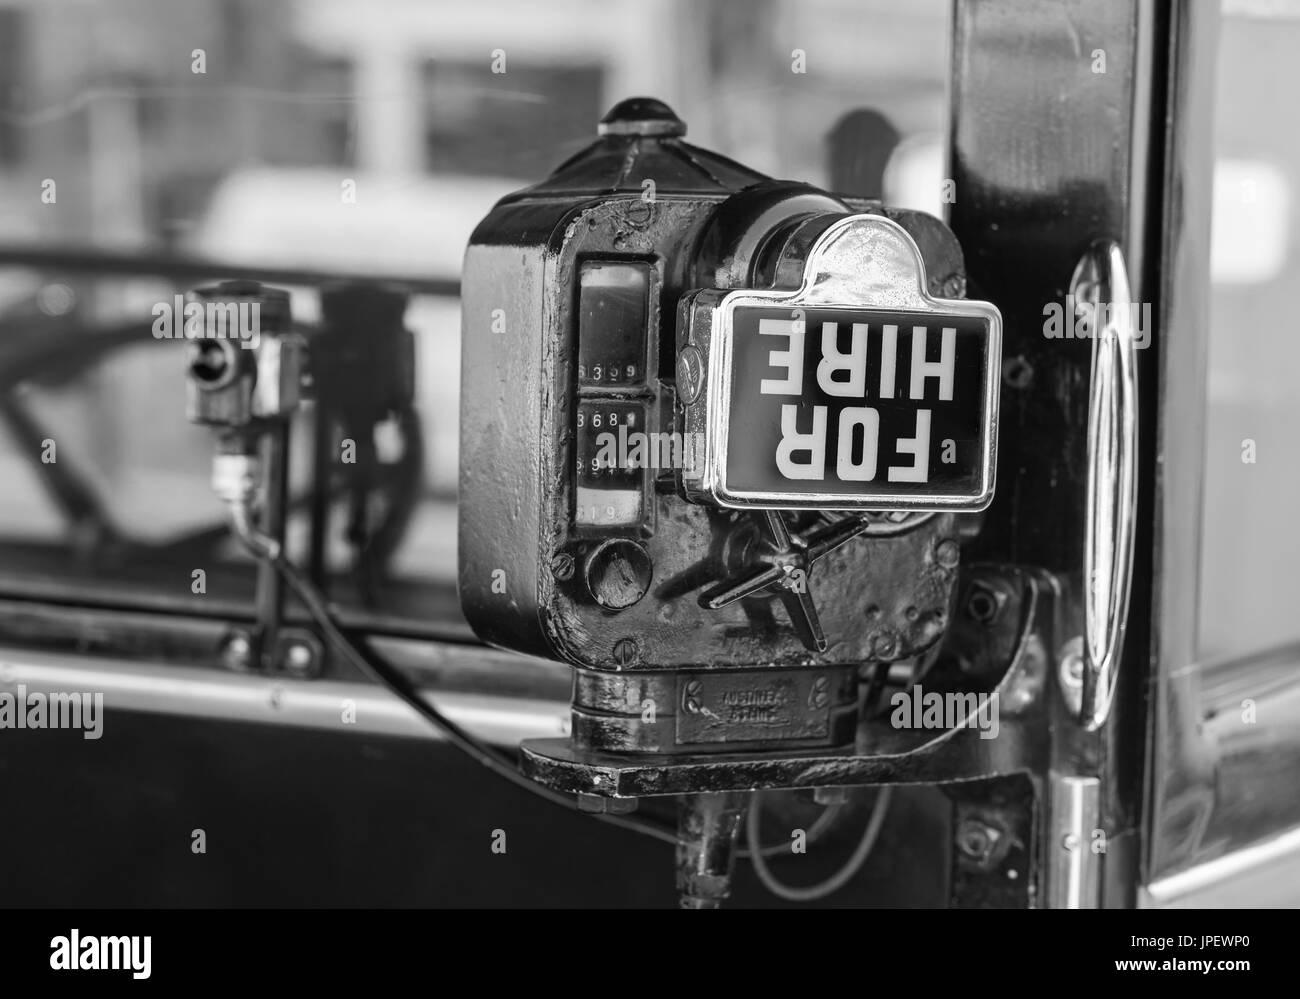 Argo Taxameter & For Hire Zeichen aus den 1930er Jahren ausgestattet, um einen Oldtimer London-Taxi. Taxameter Stockbild